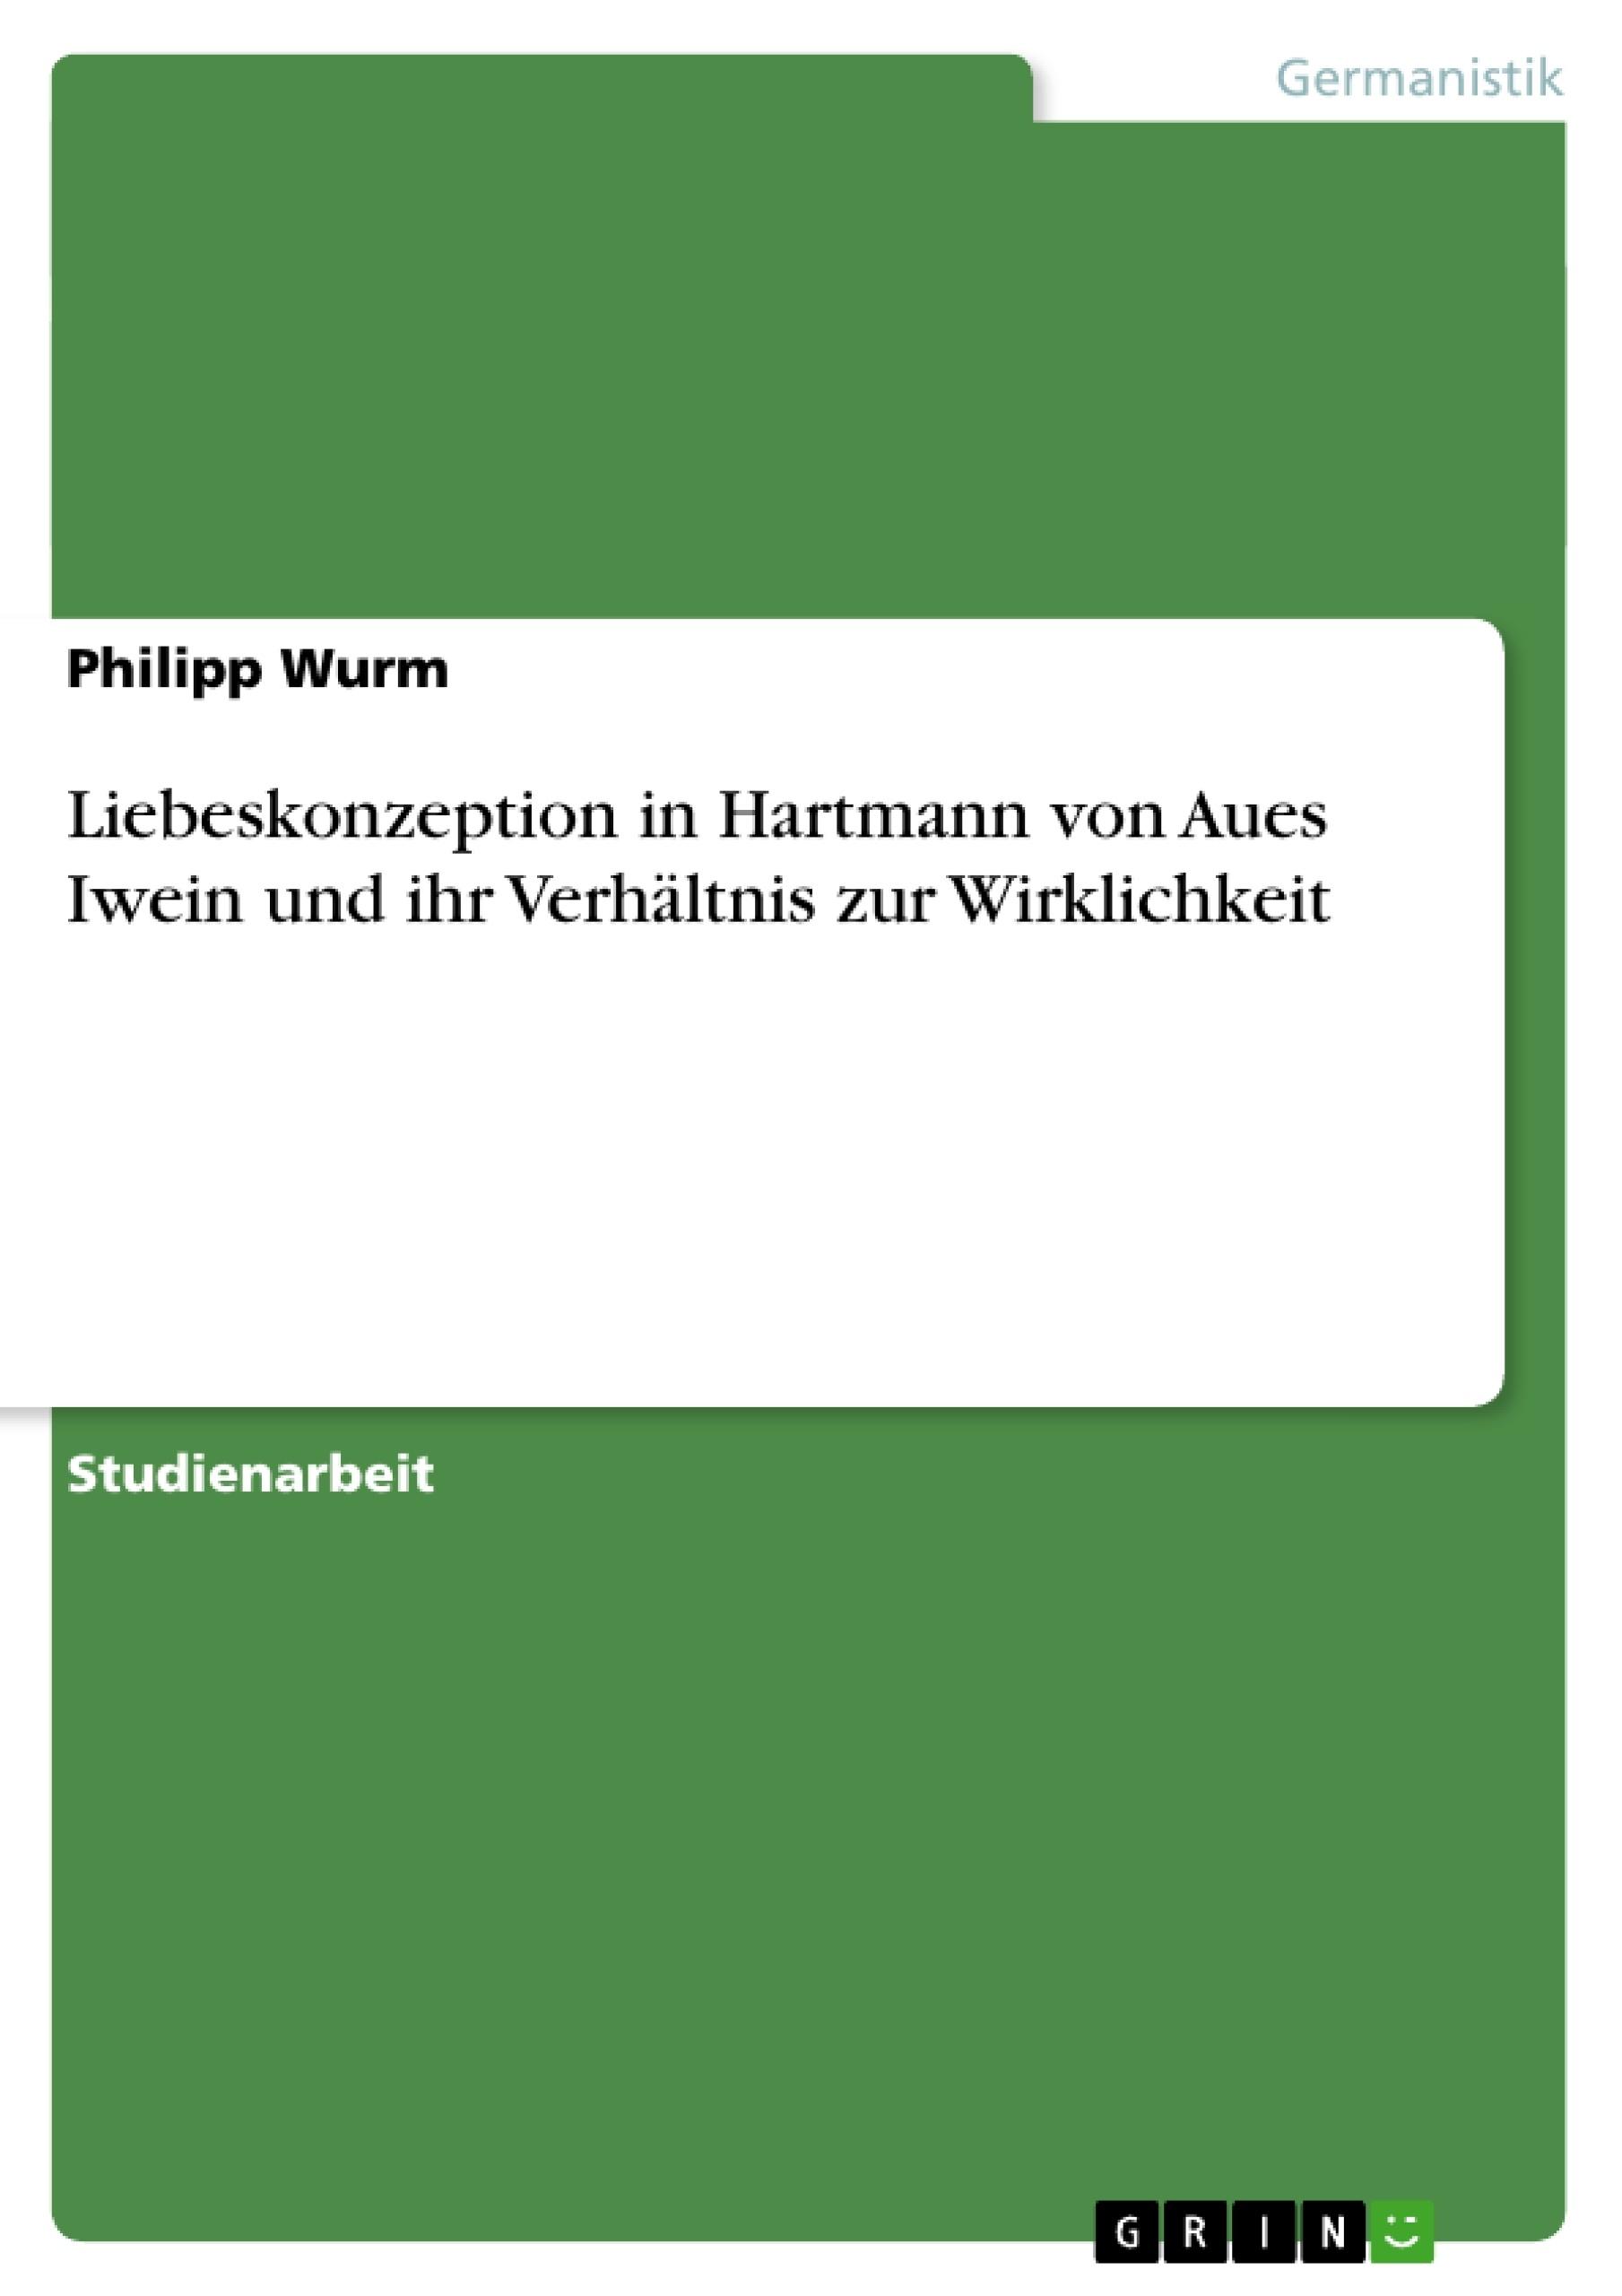 Titel: Liebeskonzeption in Hartmann von Aues Iwein und ihr Verhältnis zur Wirklichkeit